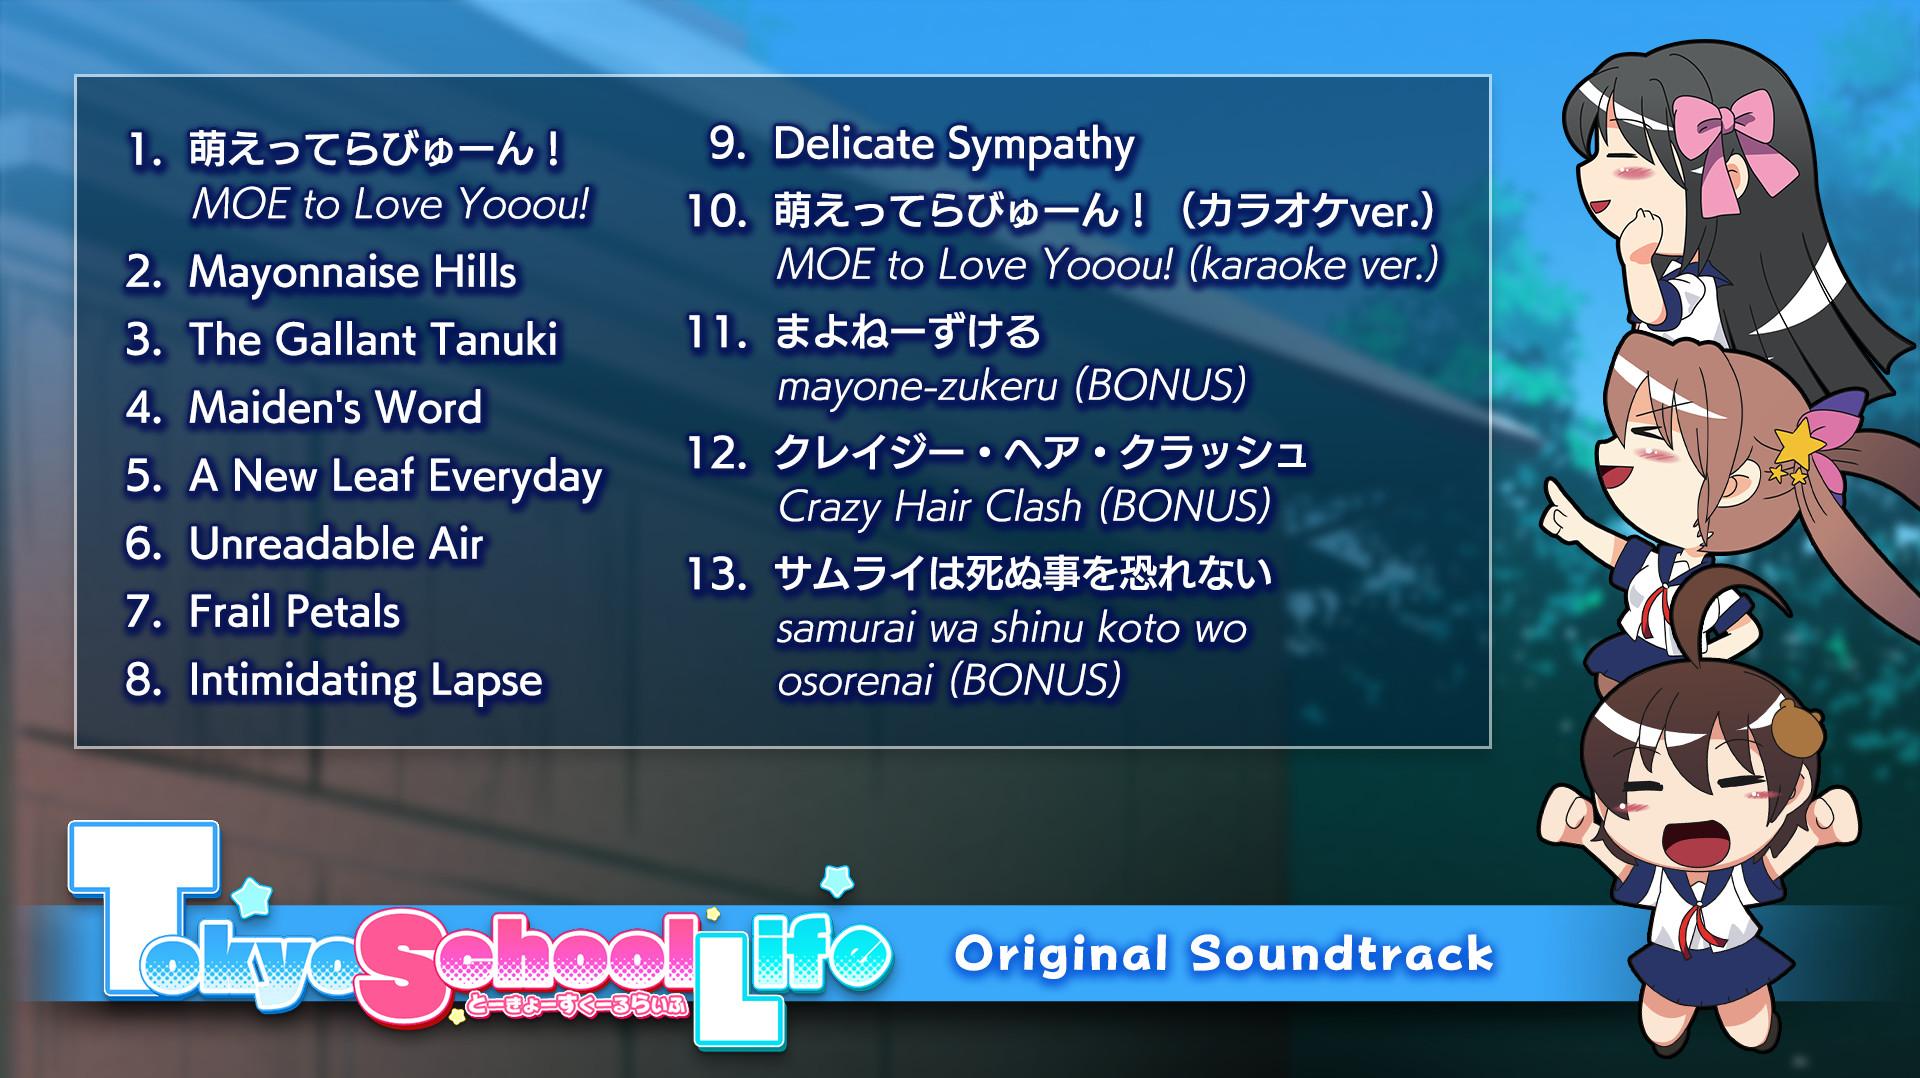 Tokyo School Life - Original Soundtrack screenshot